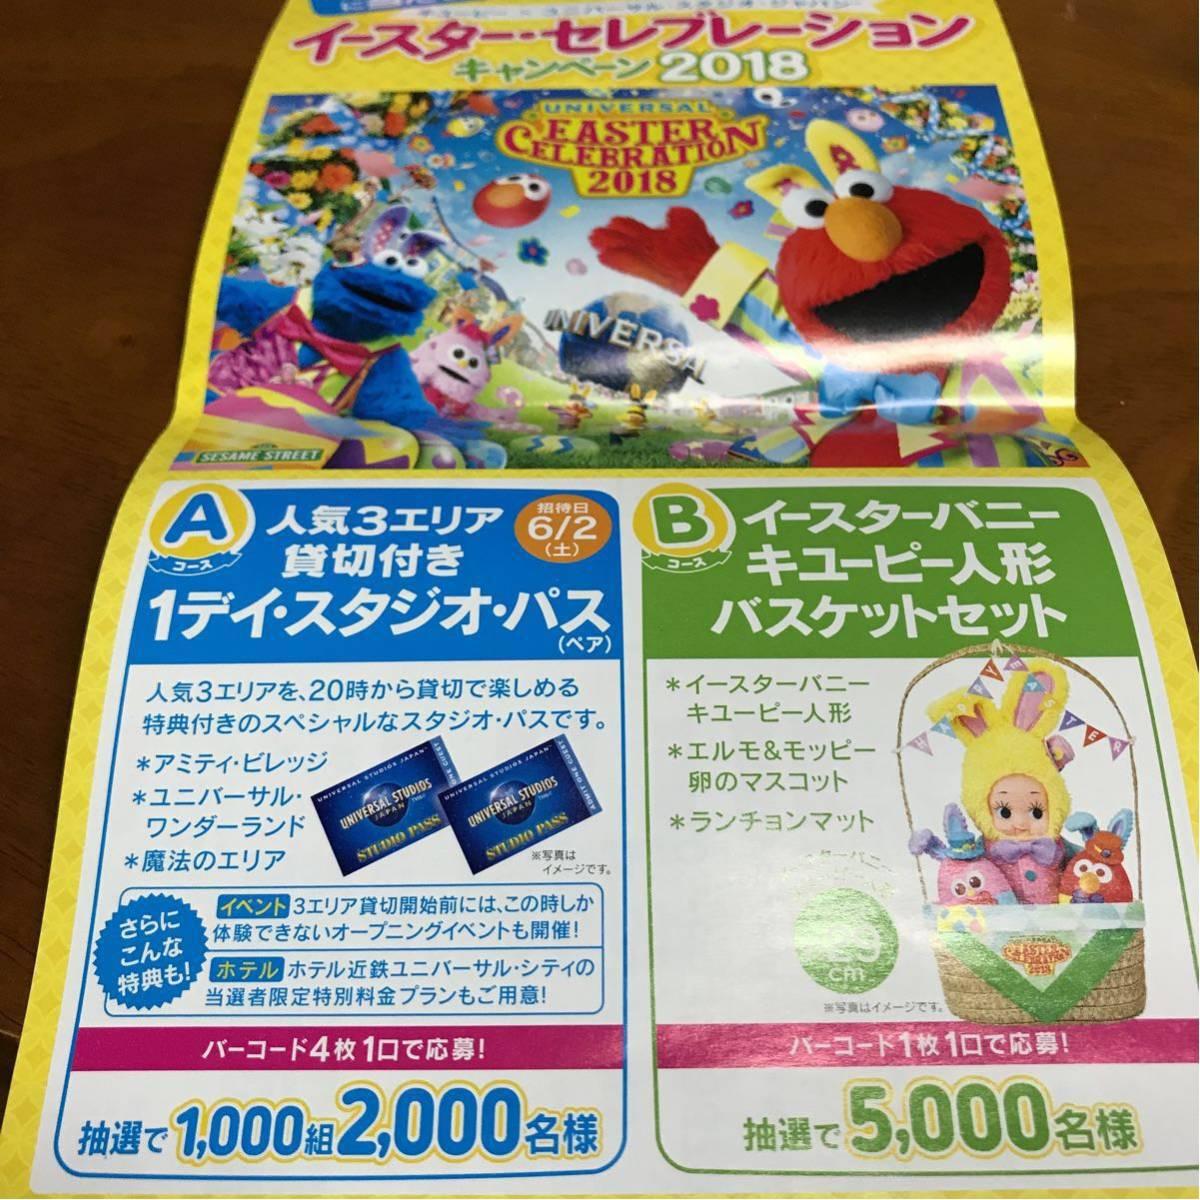 懸賞★キューピー×ユニバーサル スタジオ ジャパン キャンペーン!応募バーコード20枚